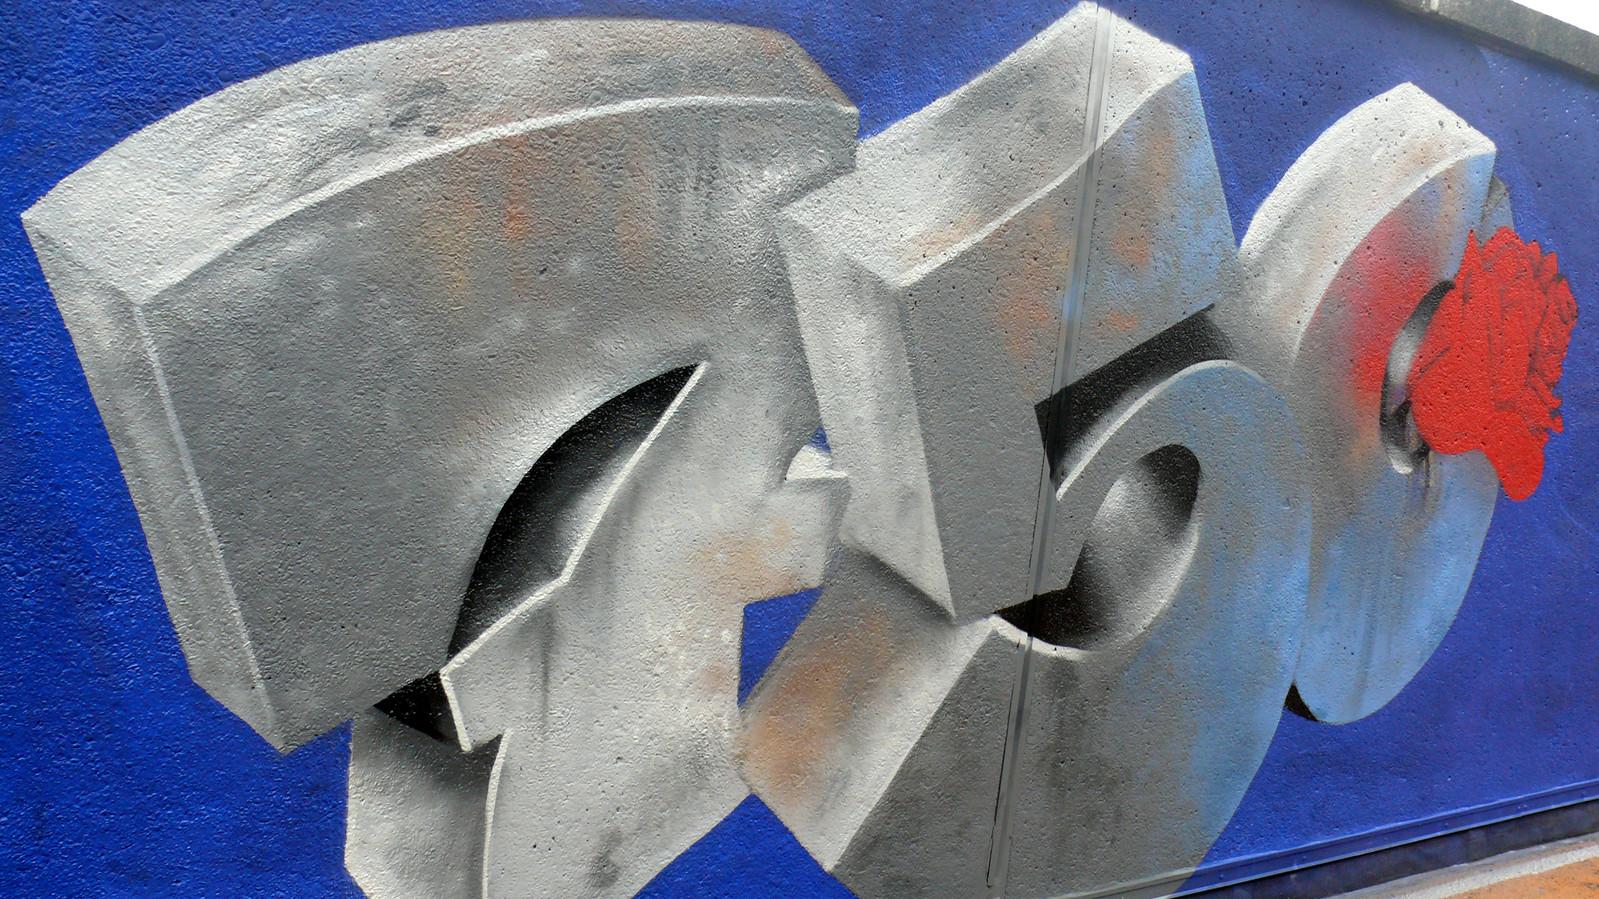 Graffiti-artiesten restylen Kadetunnel voor 750 jaar Roosendaal.